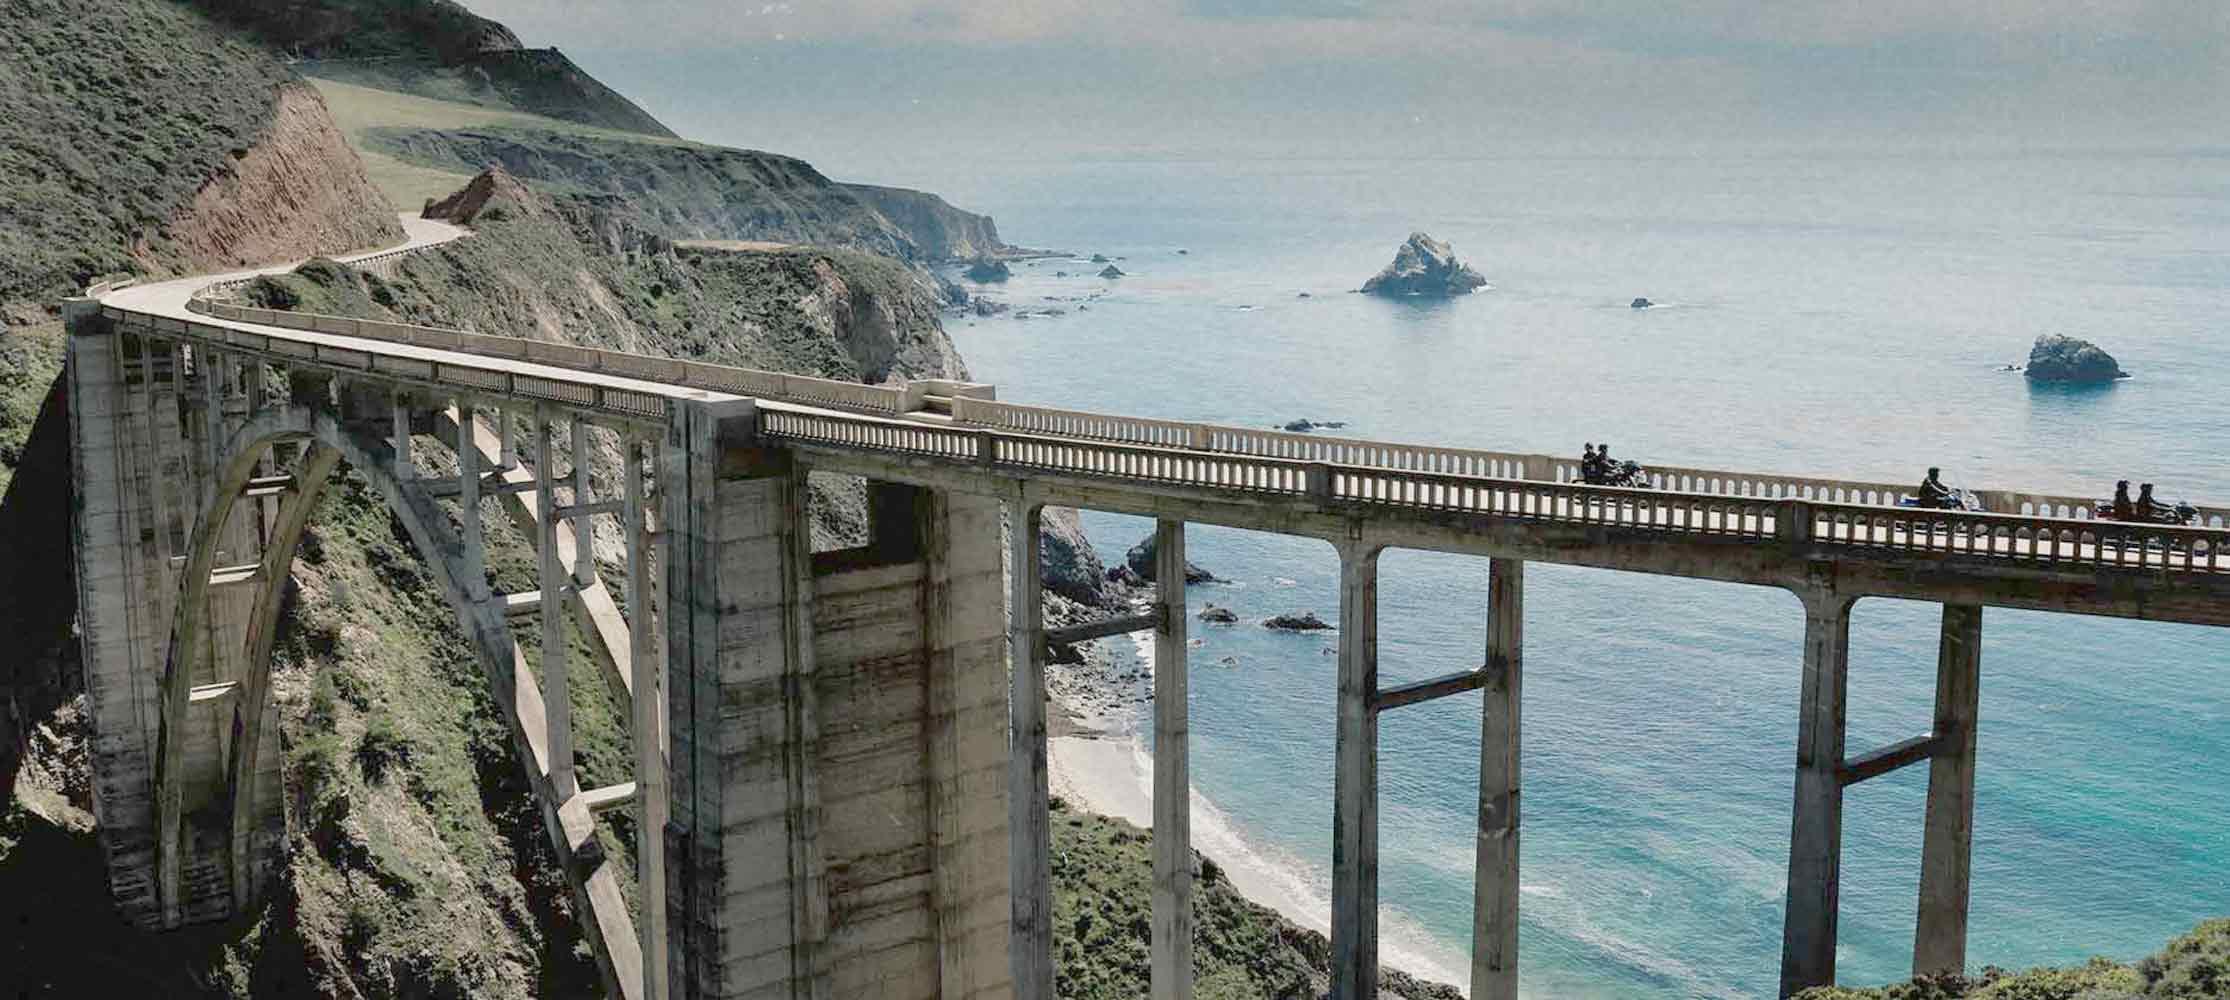 Brücke vor Meer Mission Explore